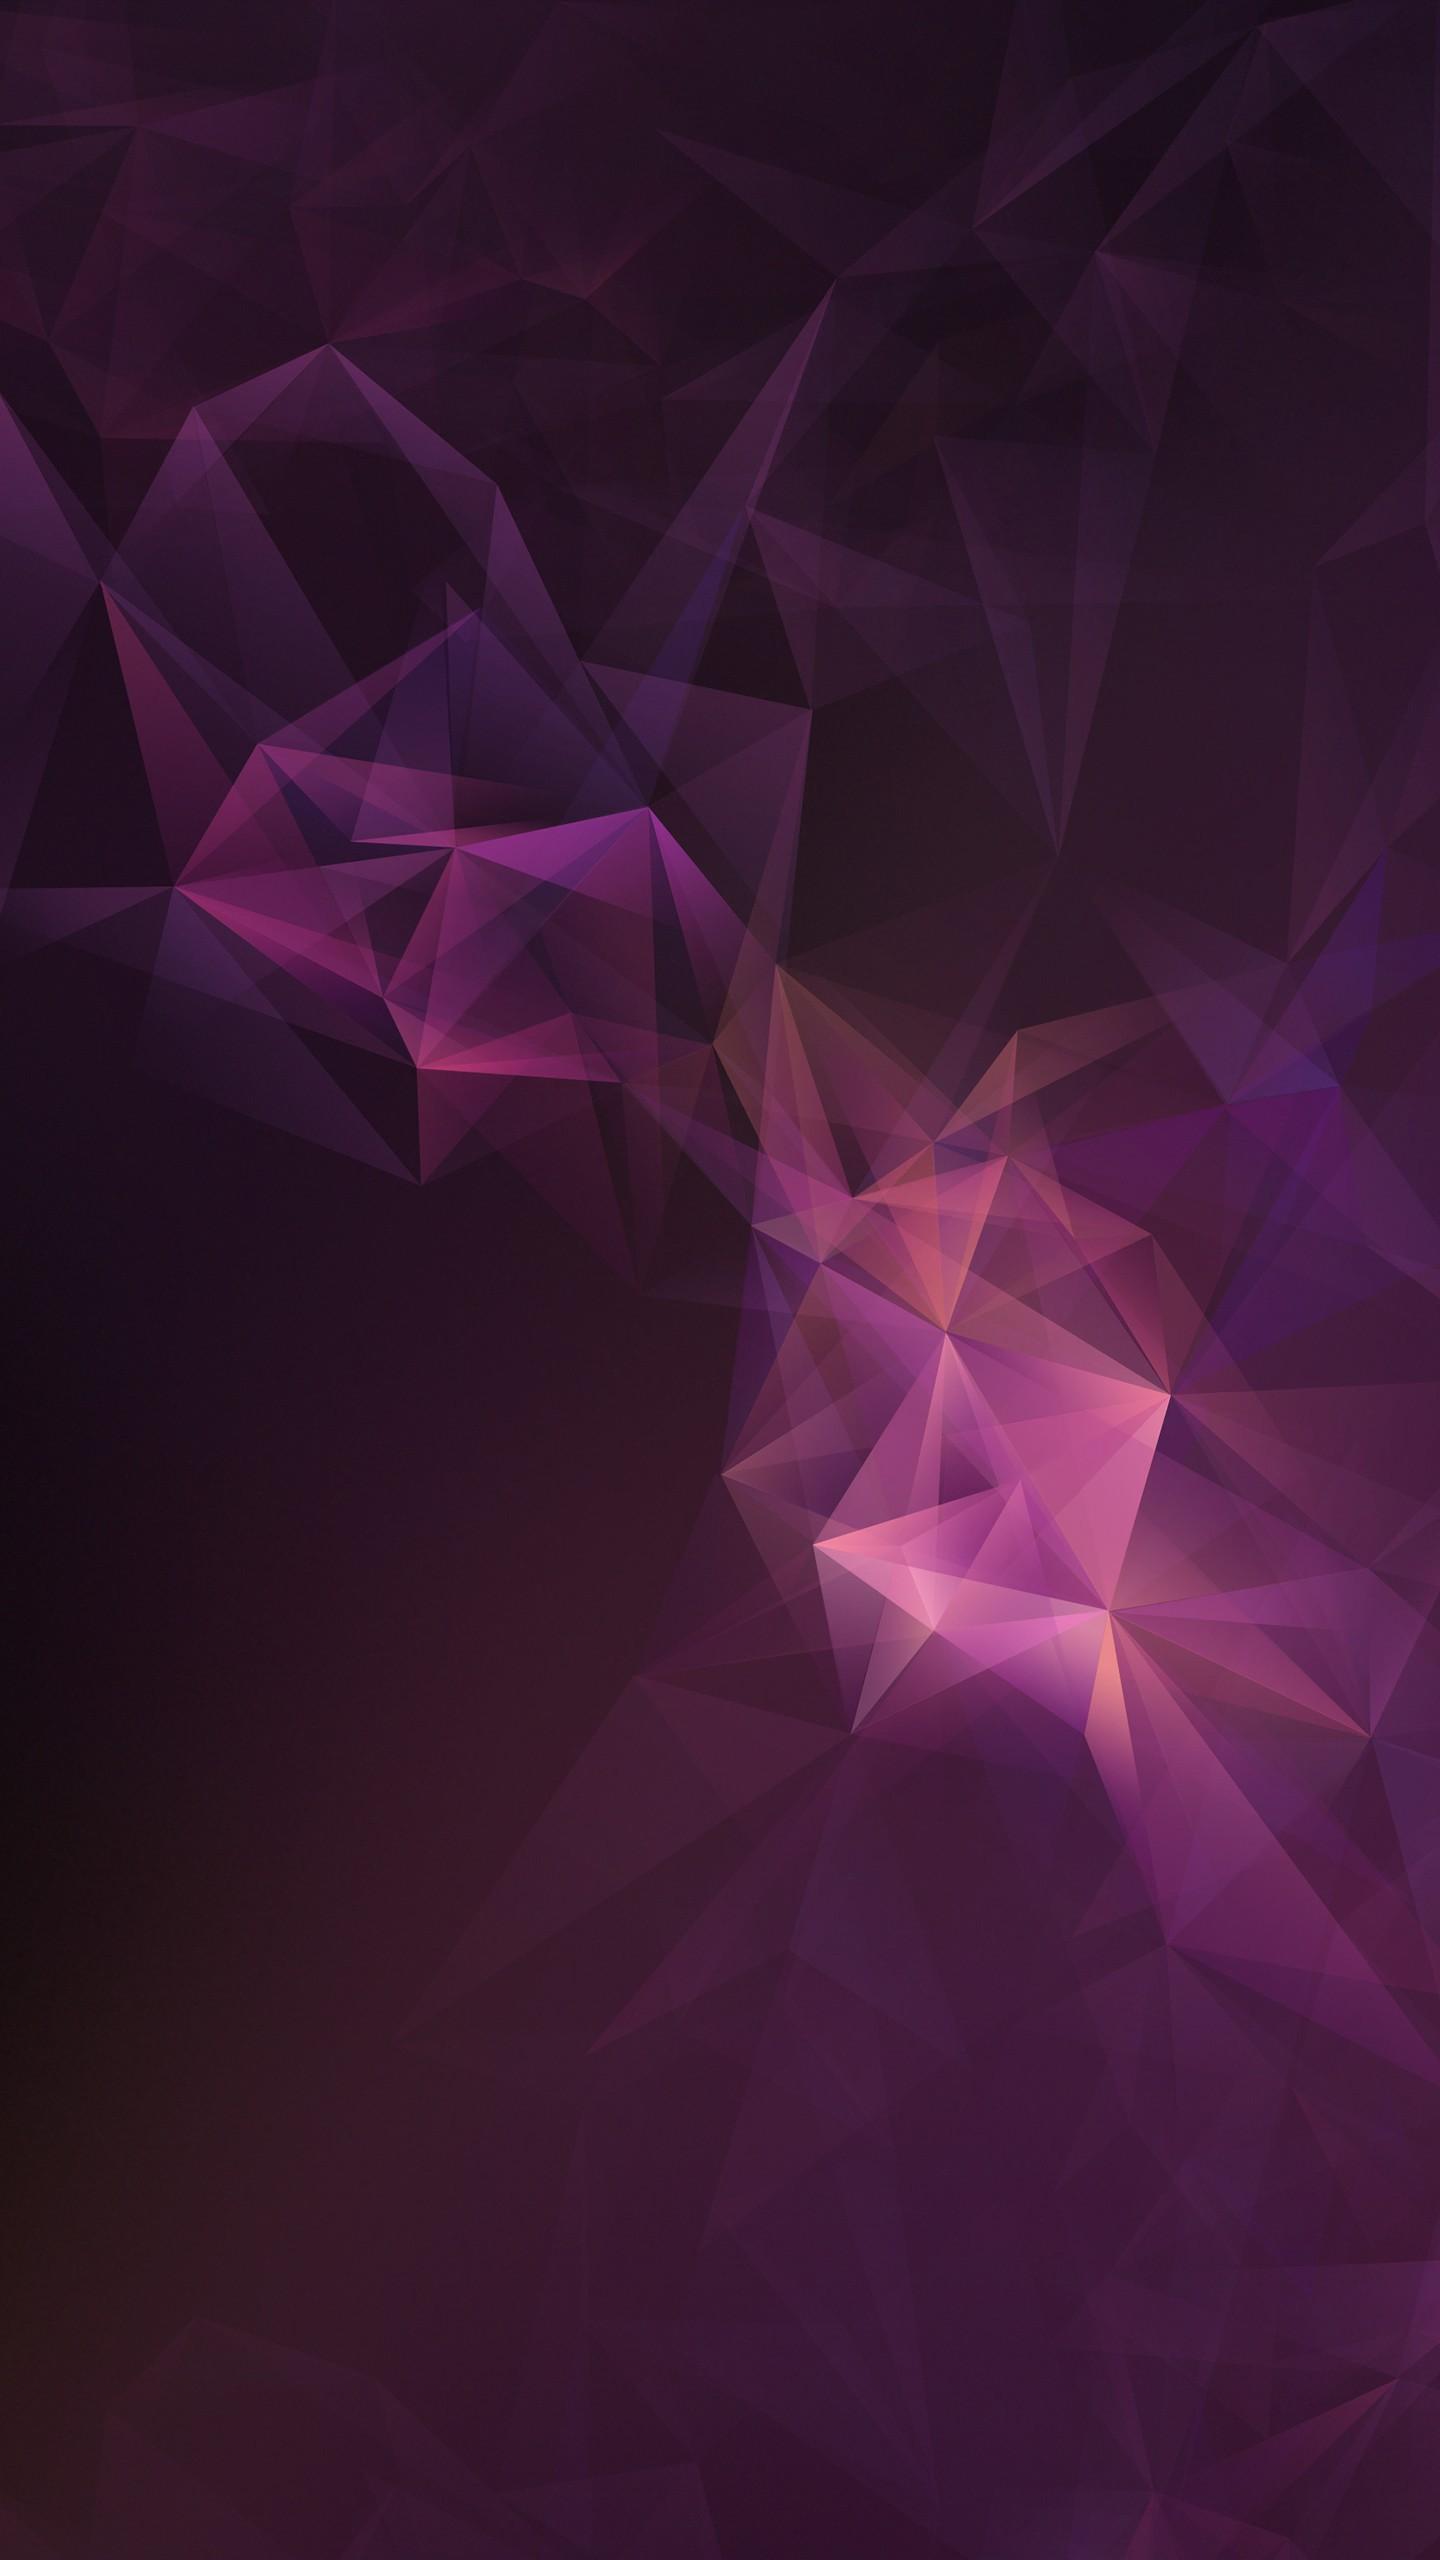 عکس زمینه سامسونگ کهکشان گلکسی اس 9 پس زمینه